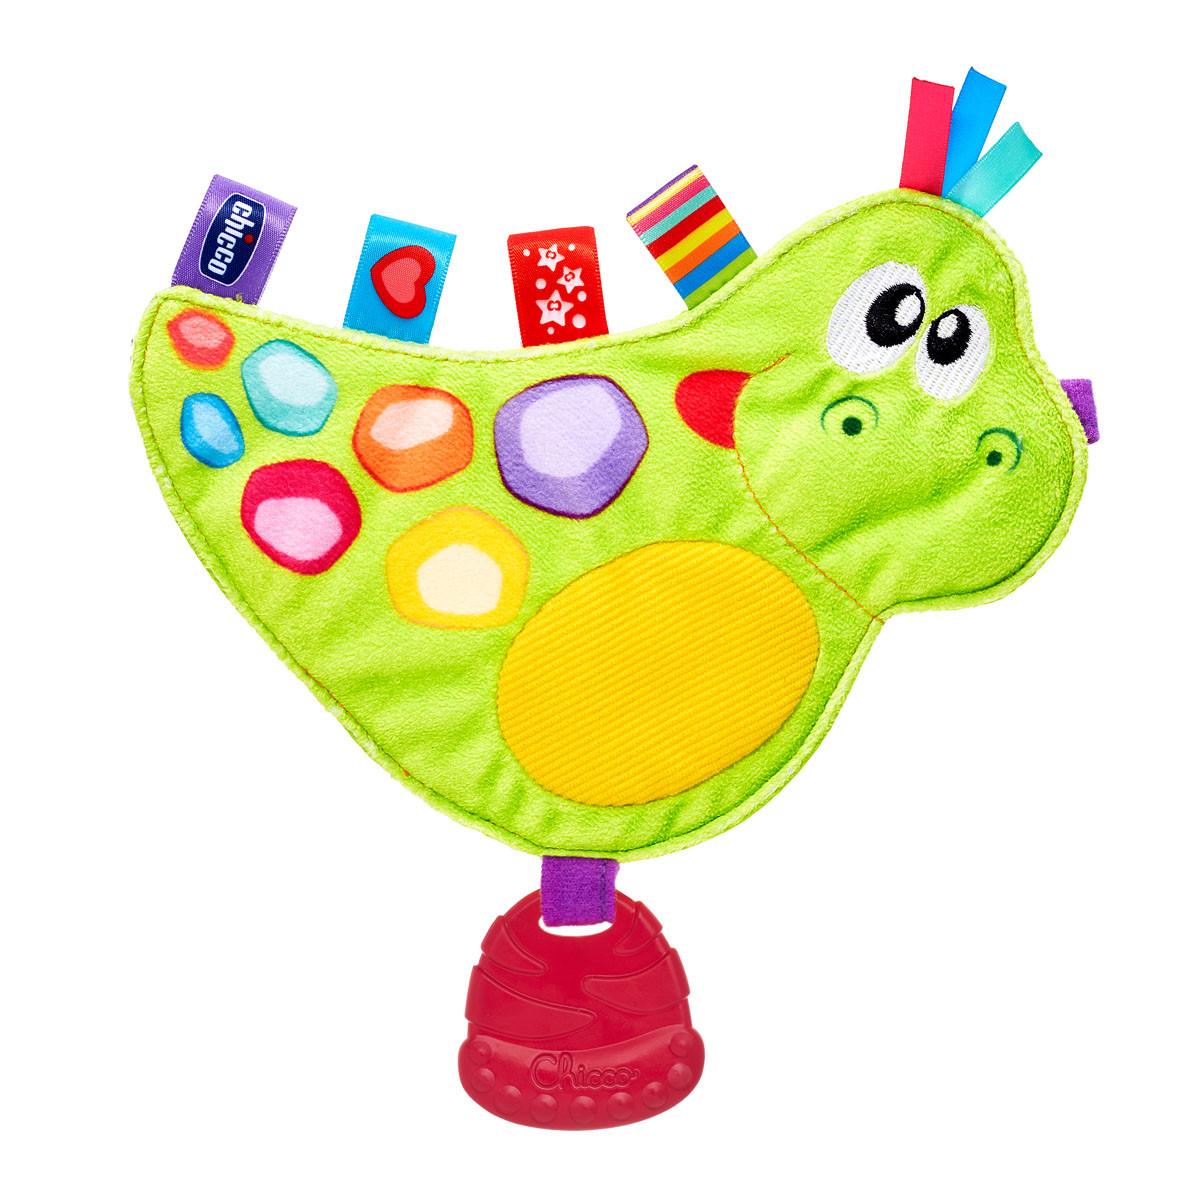 Іграшка м'яка Chicco Динозаврик Діно